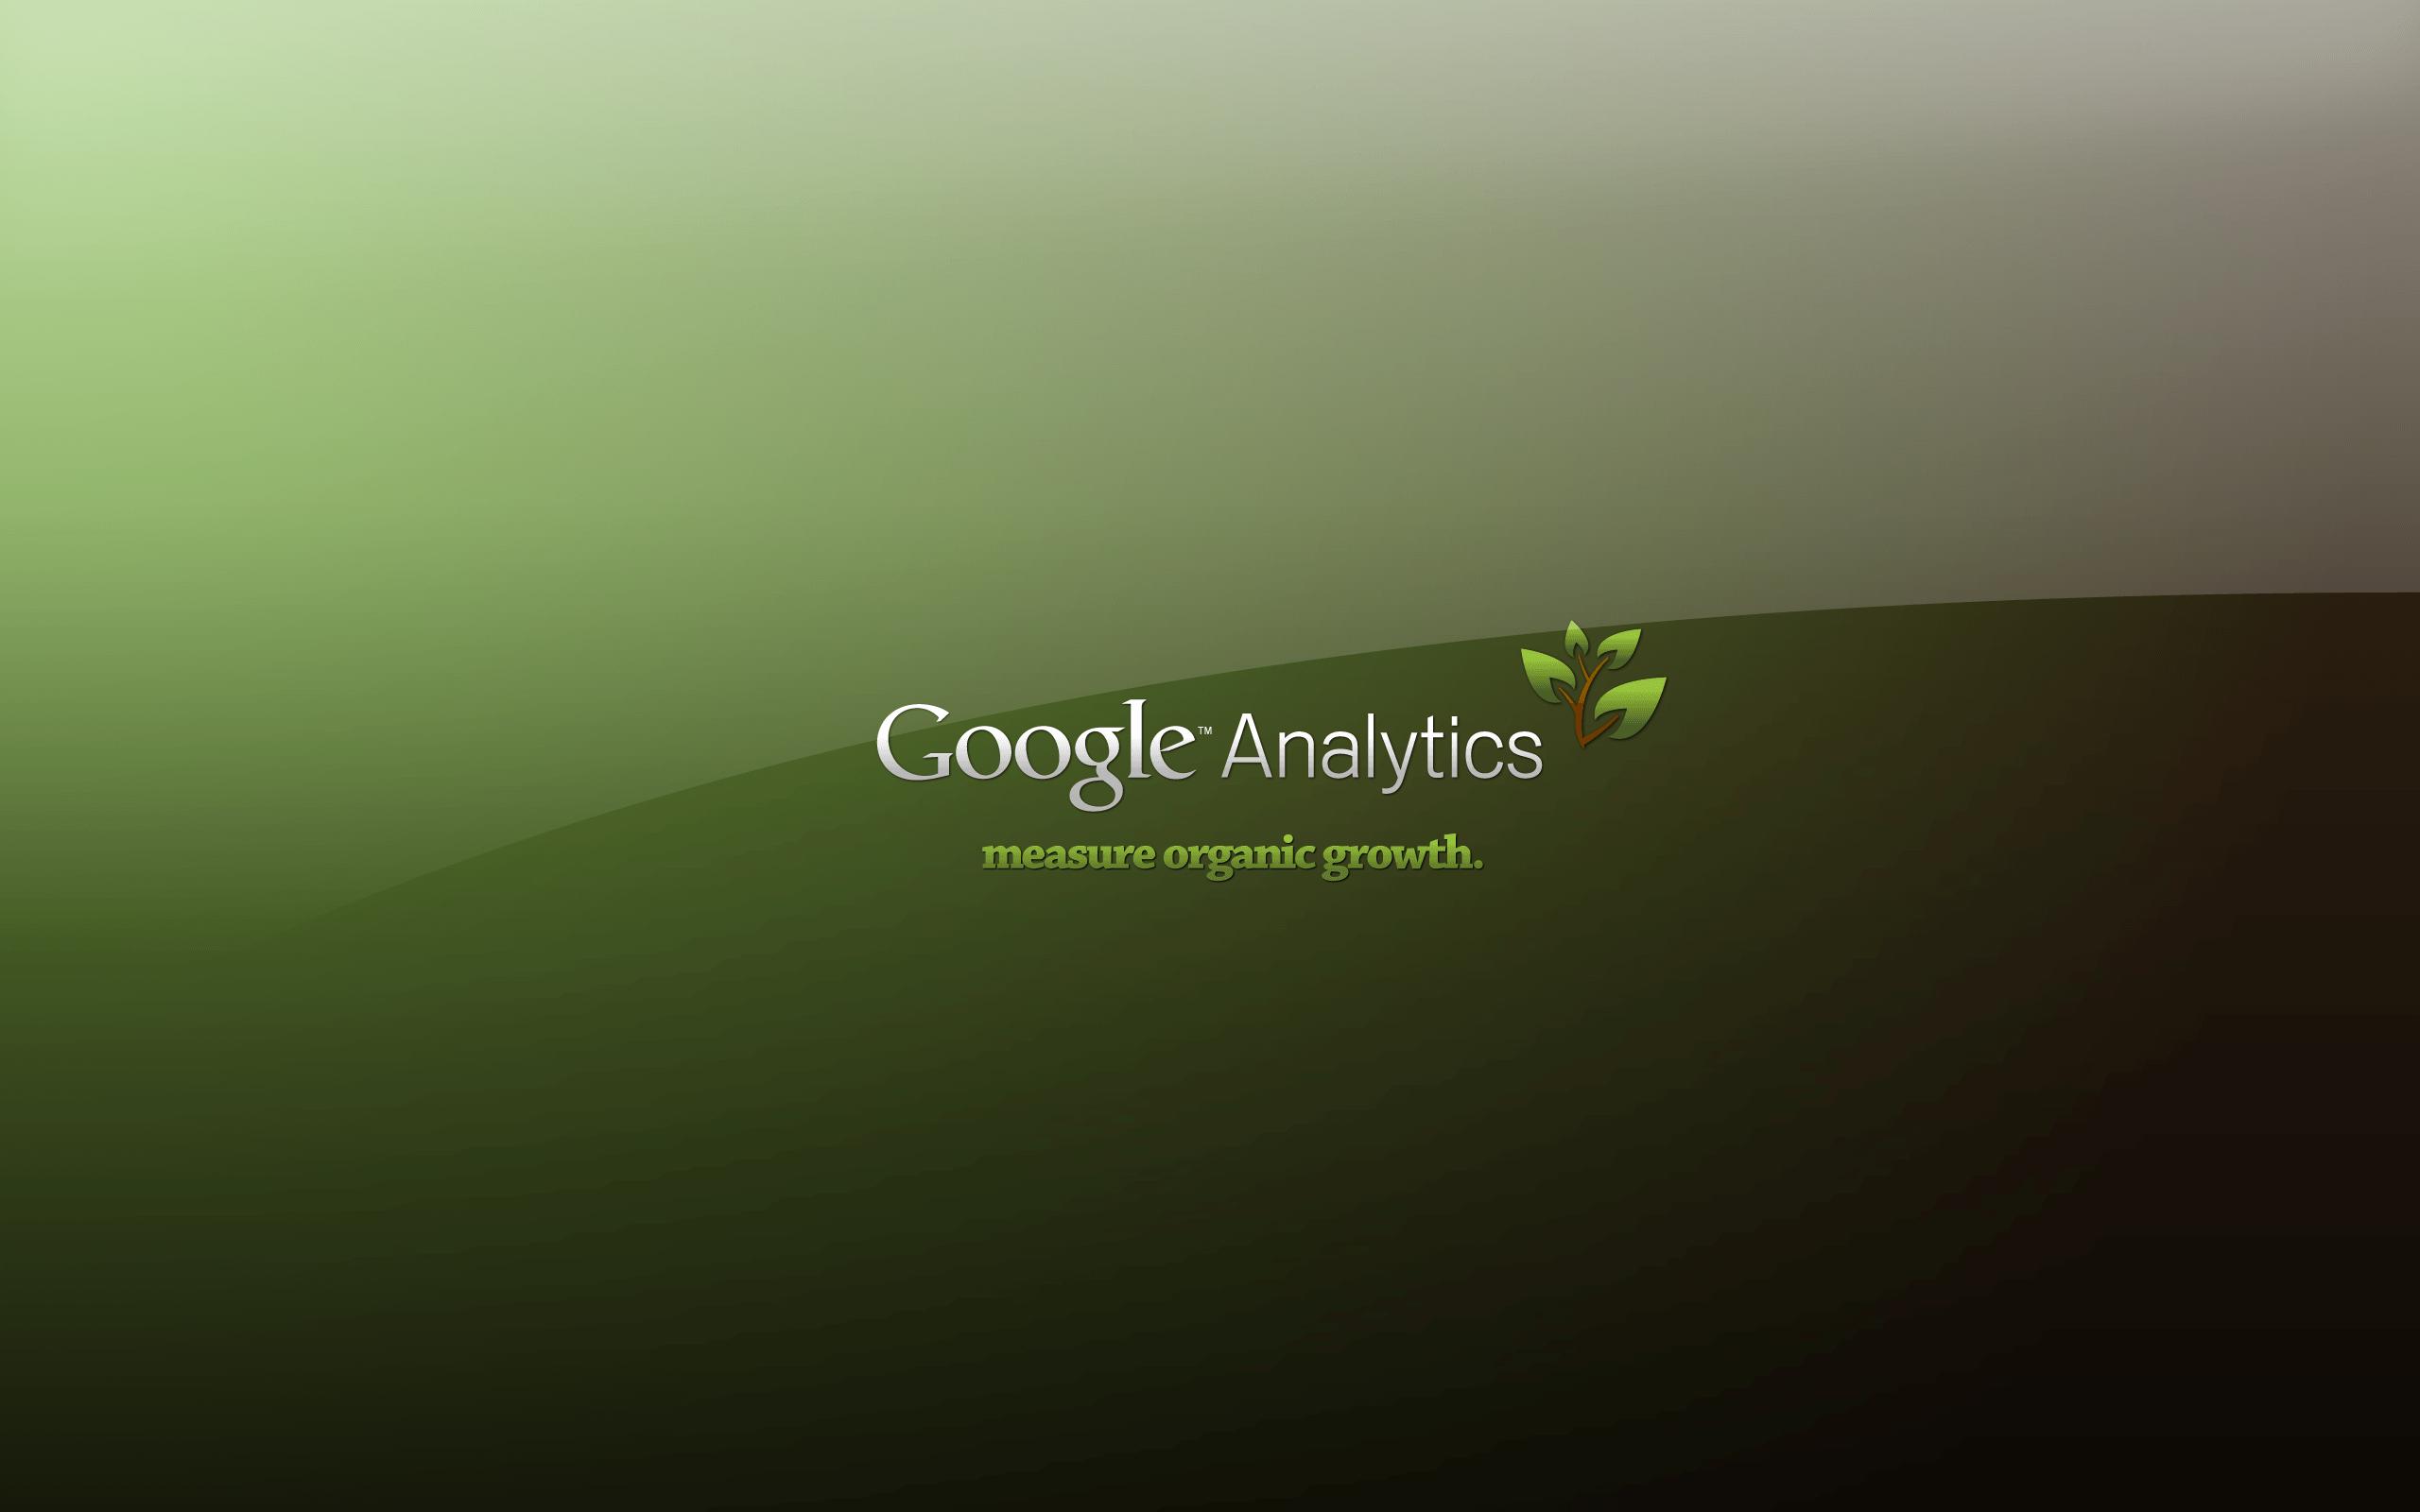 Google Backgrounds For Desktop - Wallpaper Cave